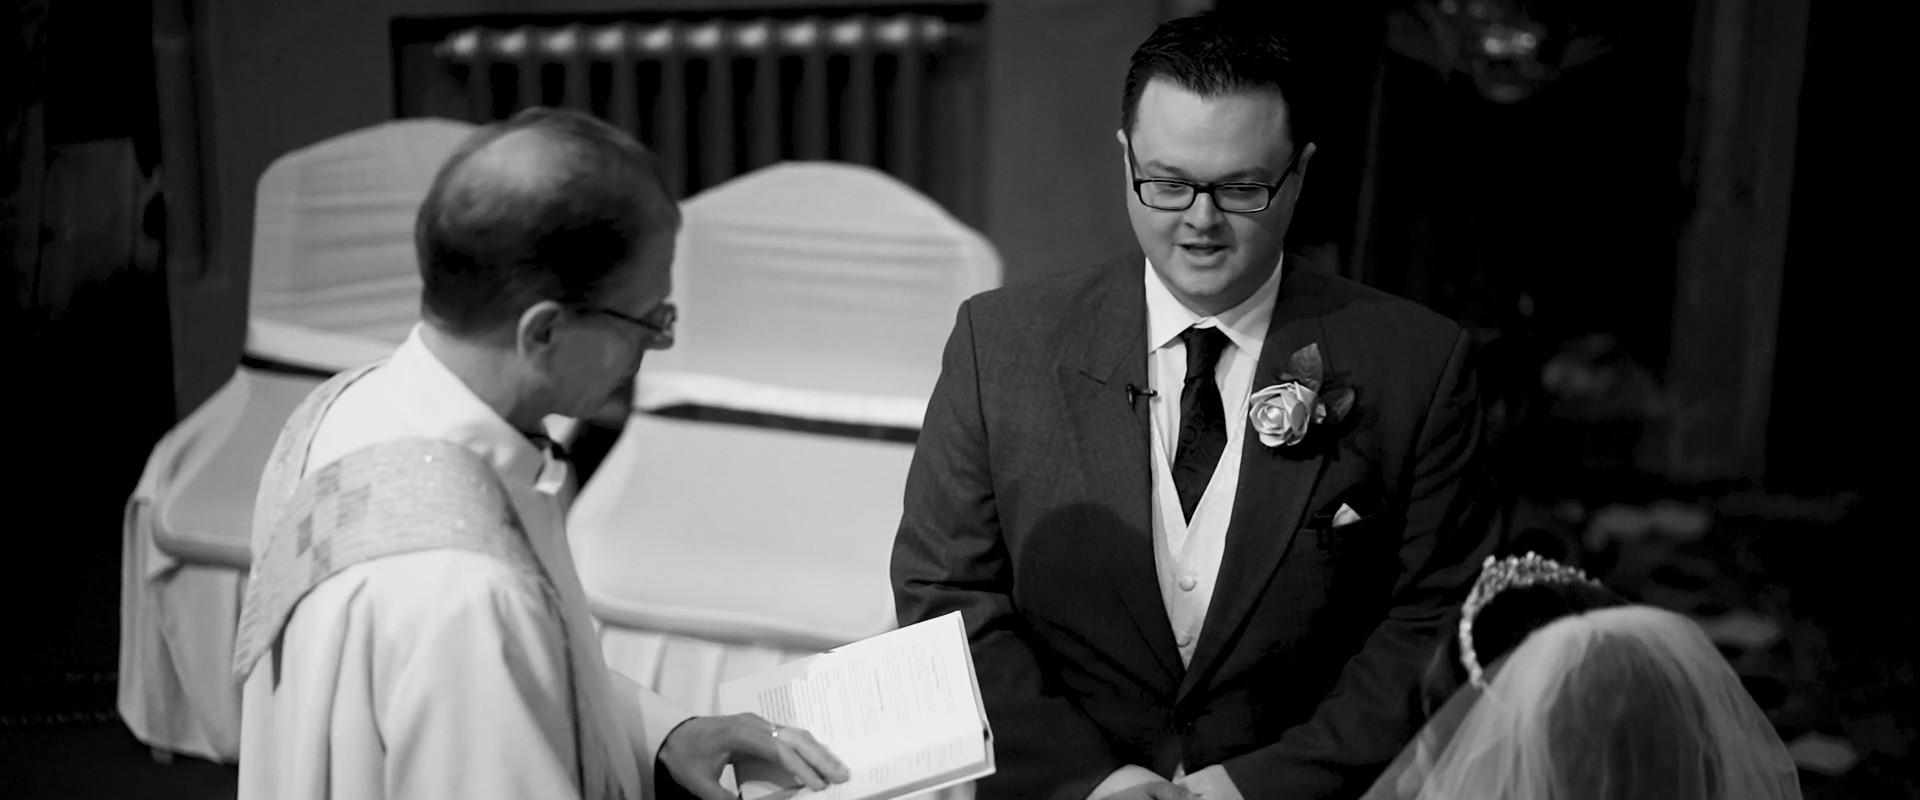 Wedding-ShortFilm-BW.00_03_12_12.Still02